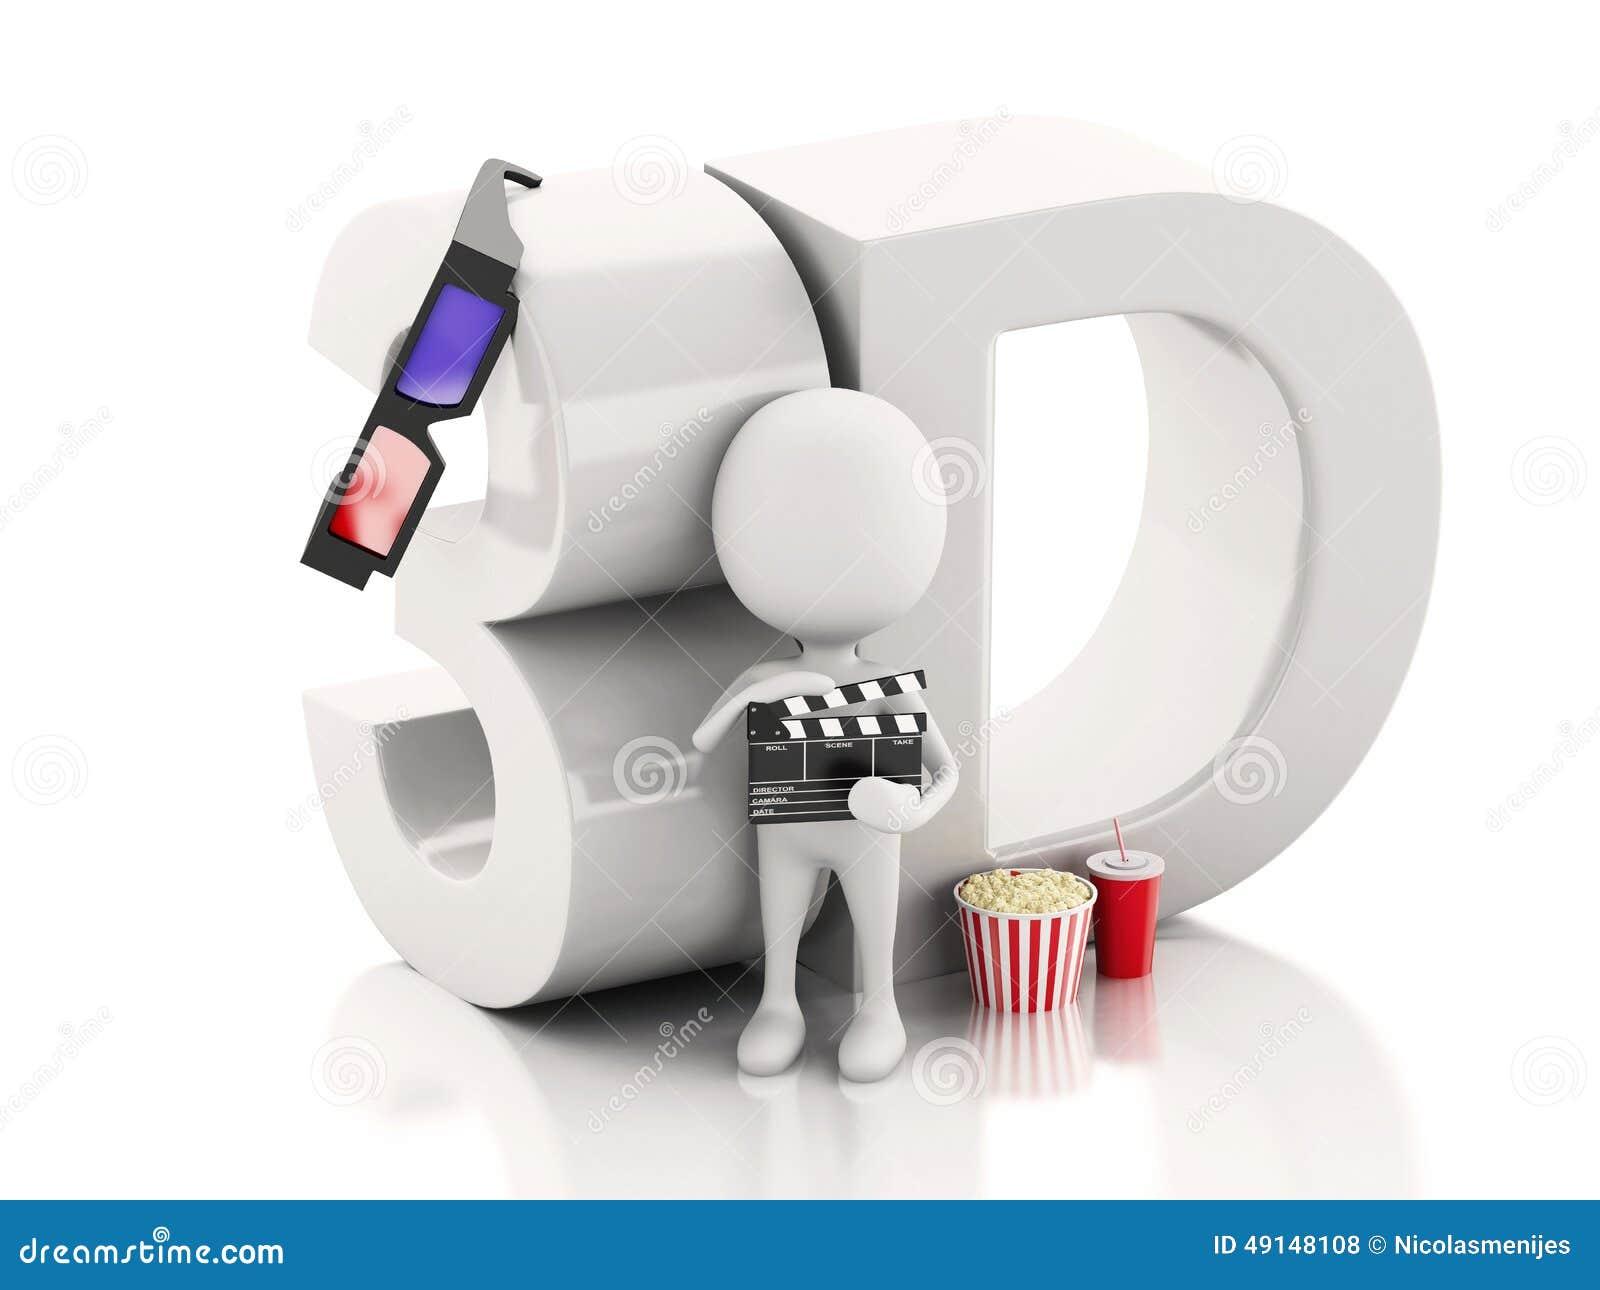 Λευκός με clapper κινηματογράφων, popcorn, το ποτό και τα τρισδιάστατα γυαλιά